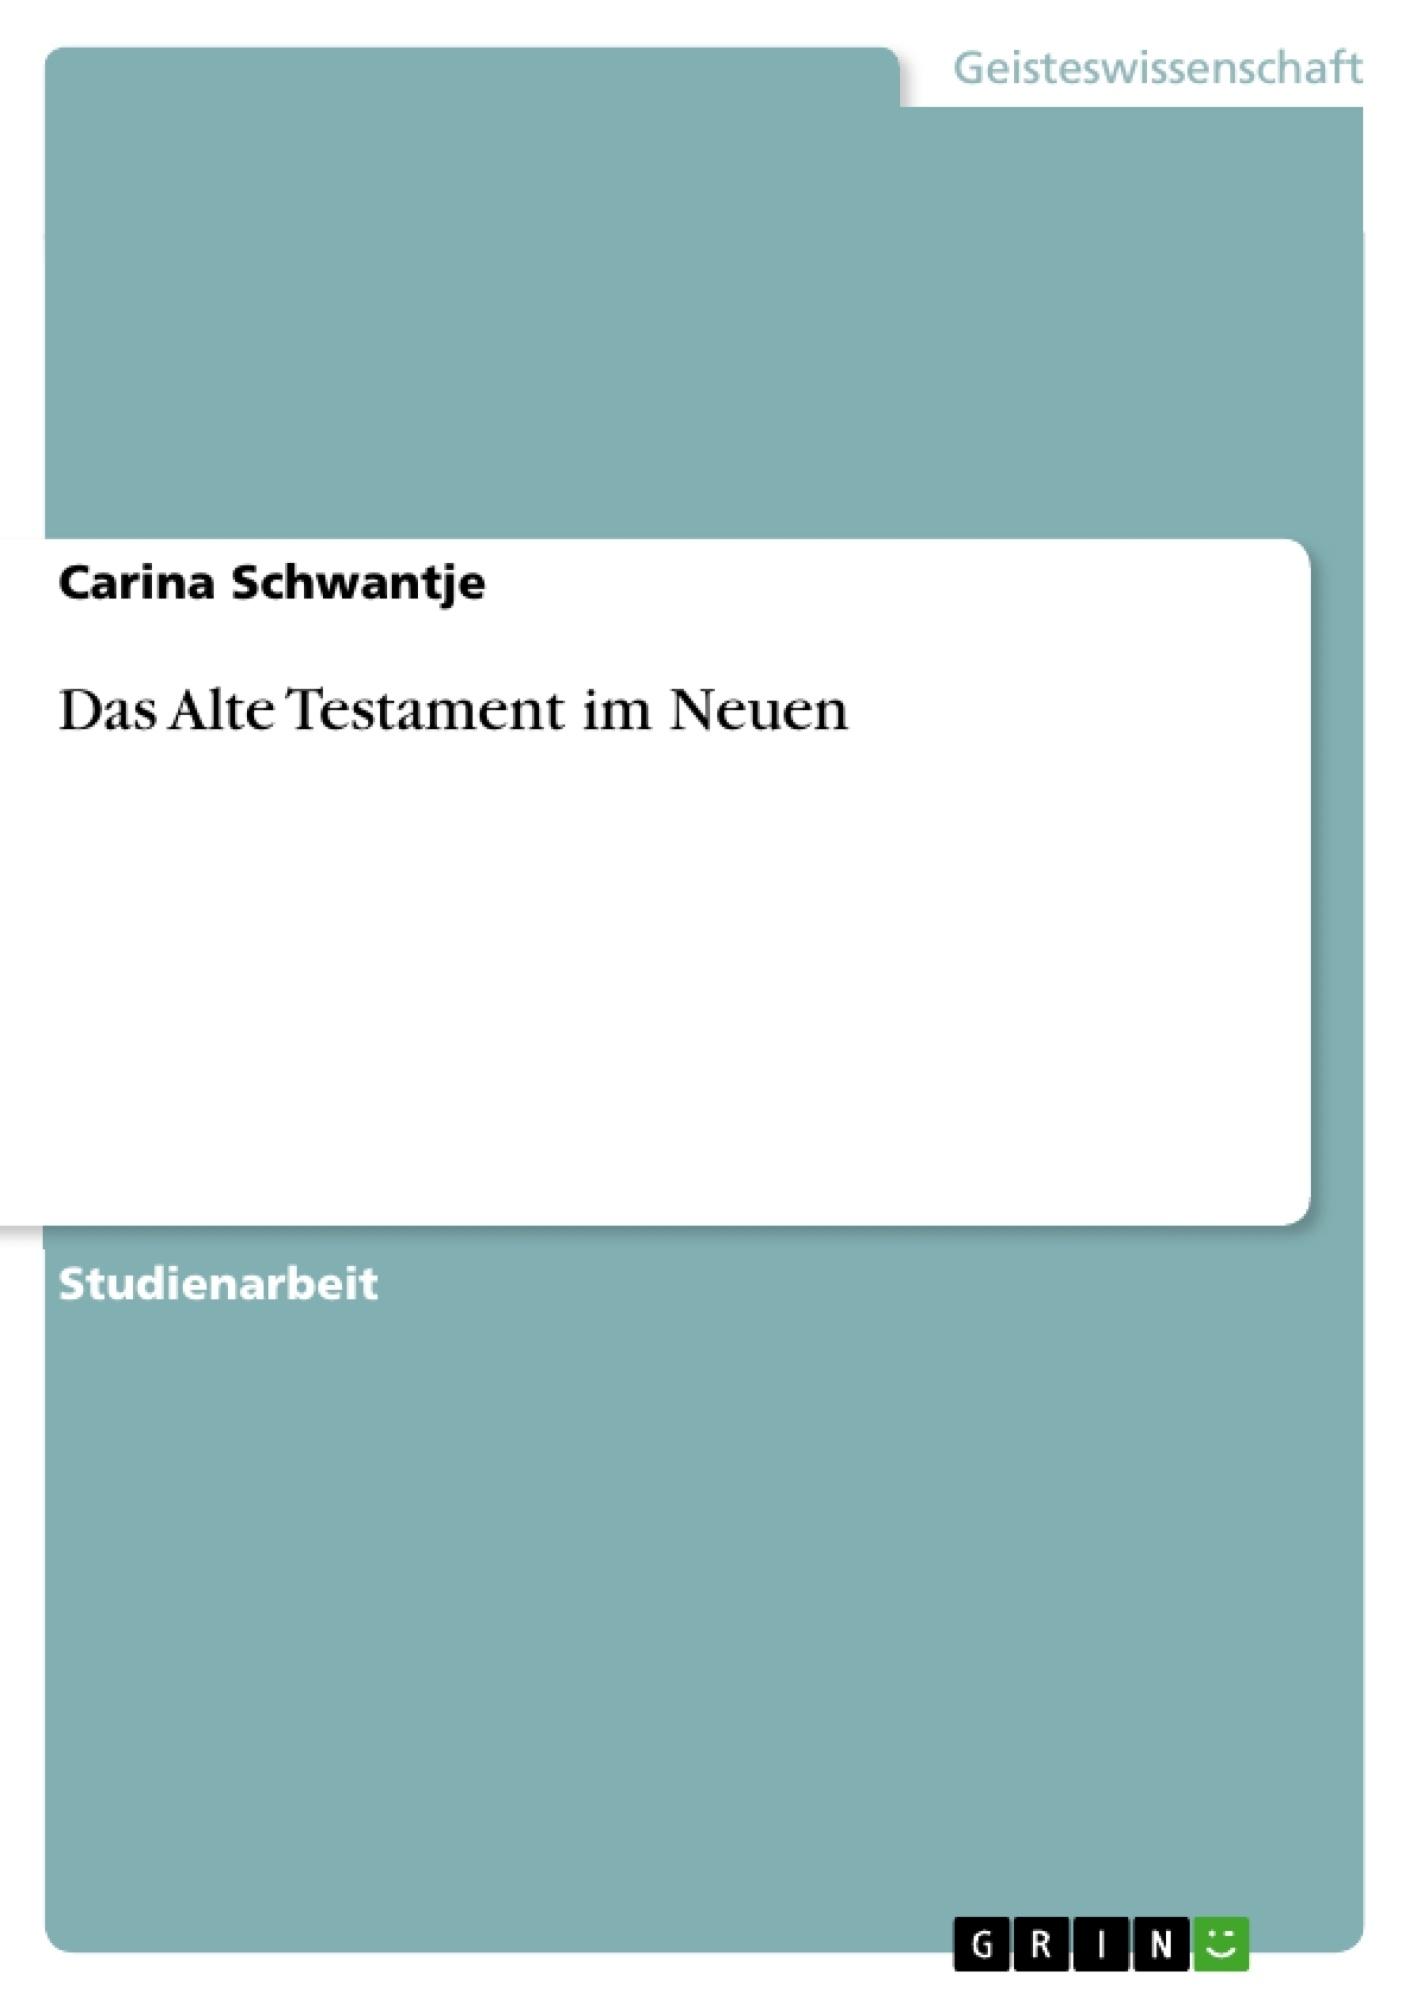 Titel: Das Alte Testament im Neuen